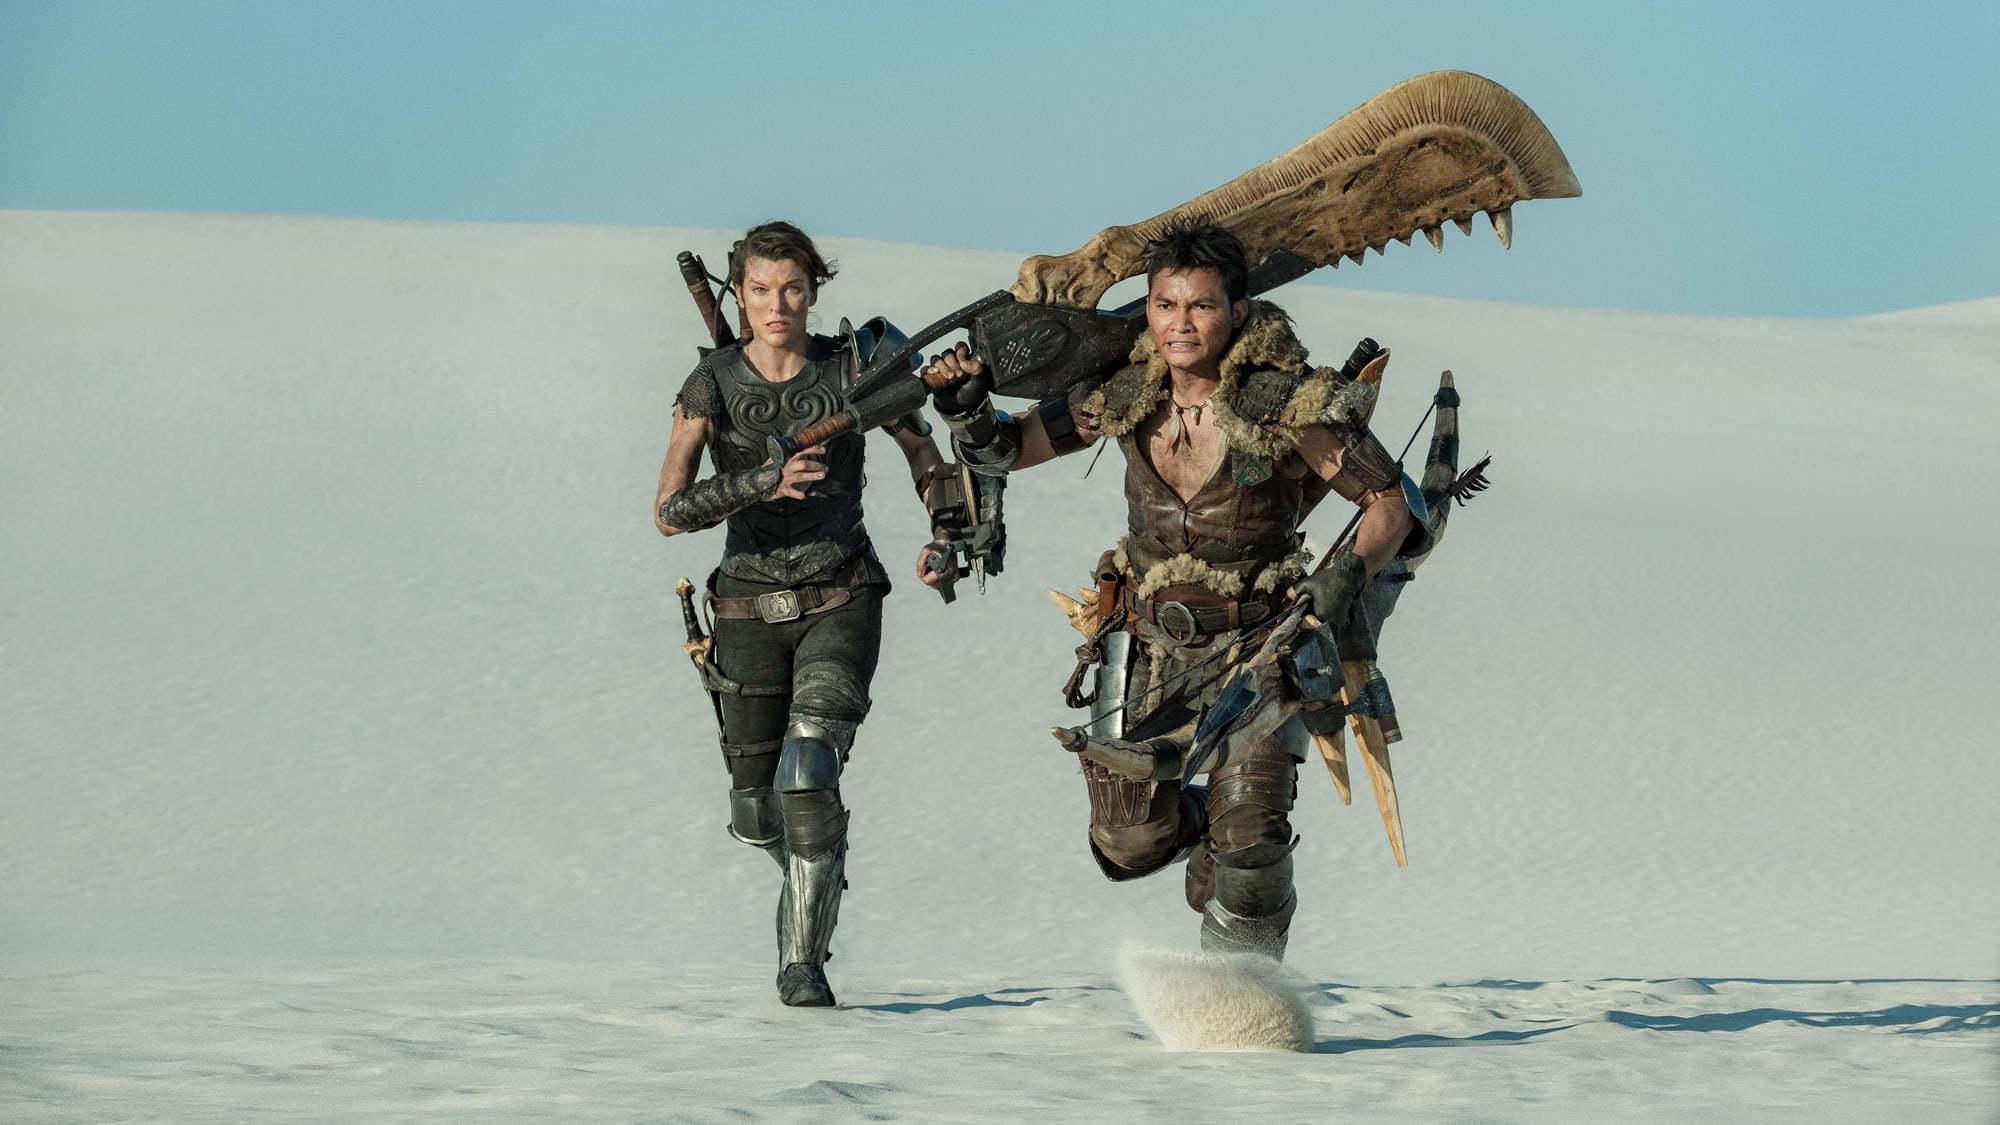 Milla Jovovich săn quái vật trong phim 60 triệu USD do chồng đạo diễn